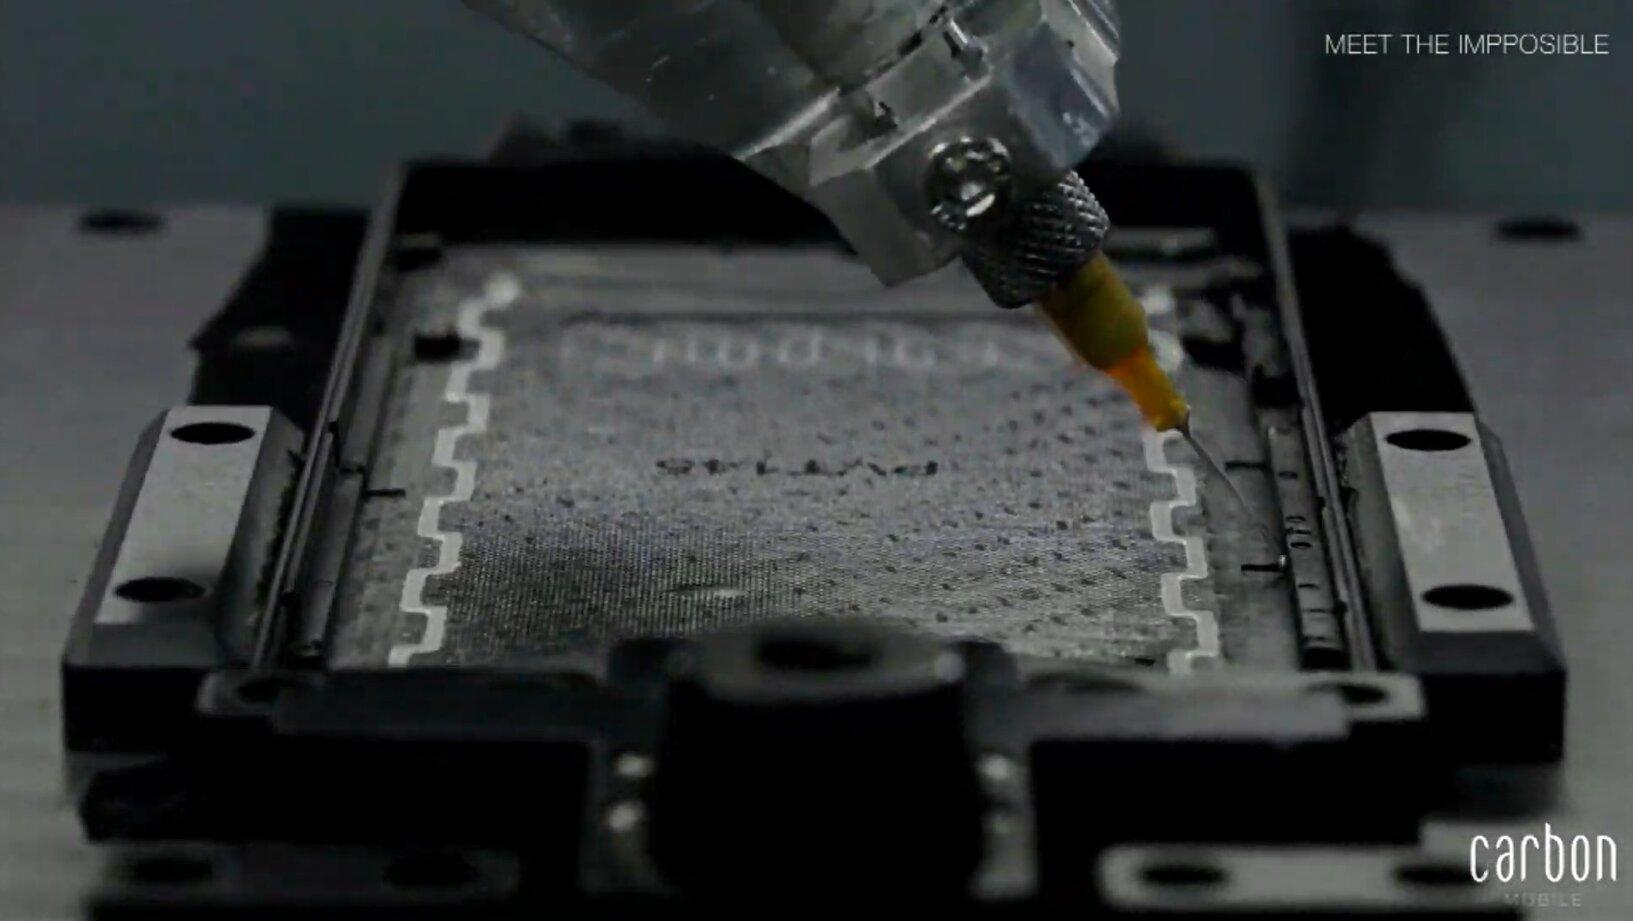 Neuer Fertigungsprozess des Carbon 1 MK II